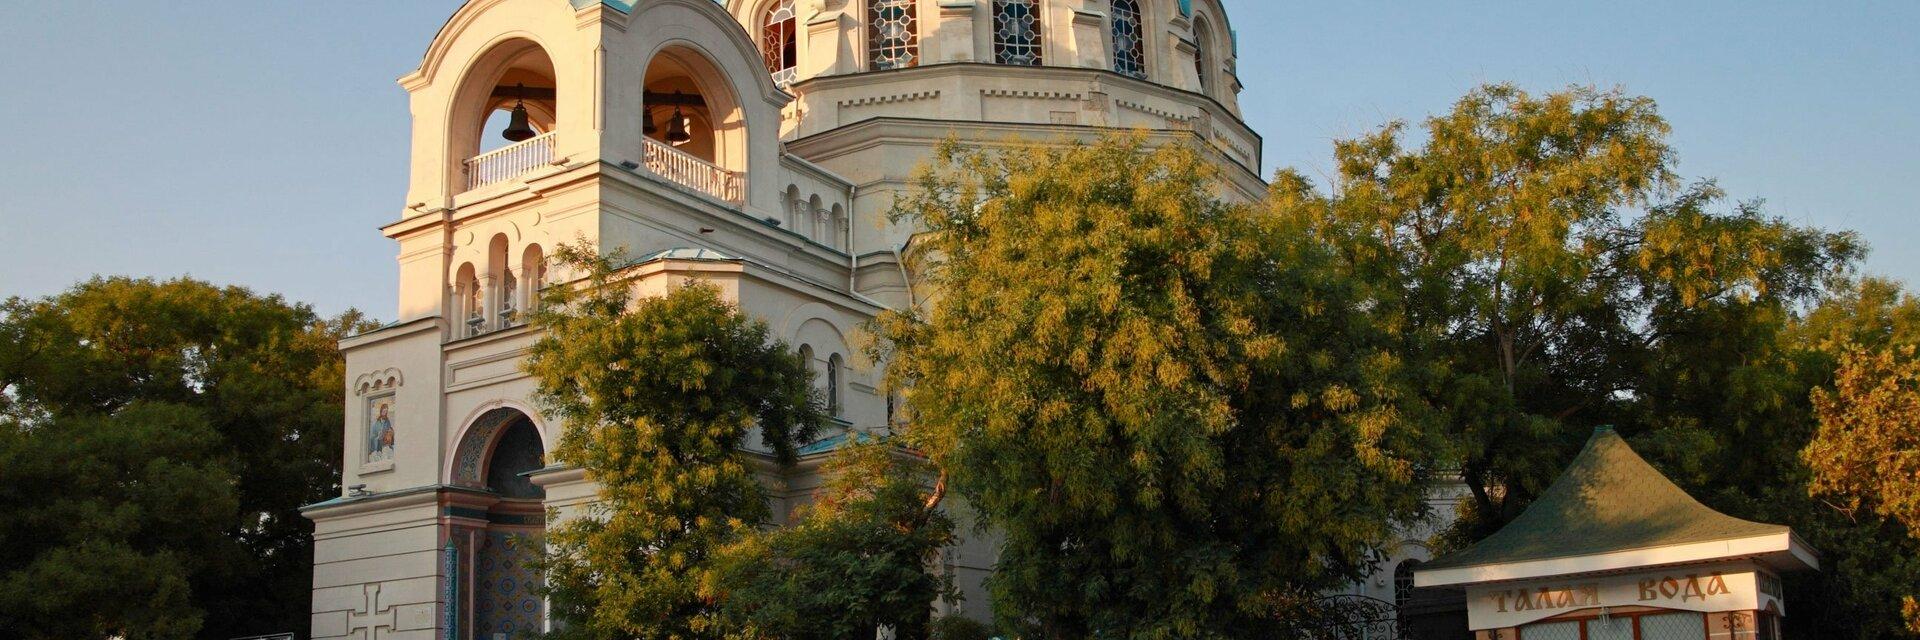 Поиск отелей в Евпатории